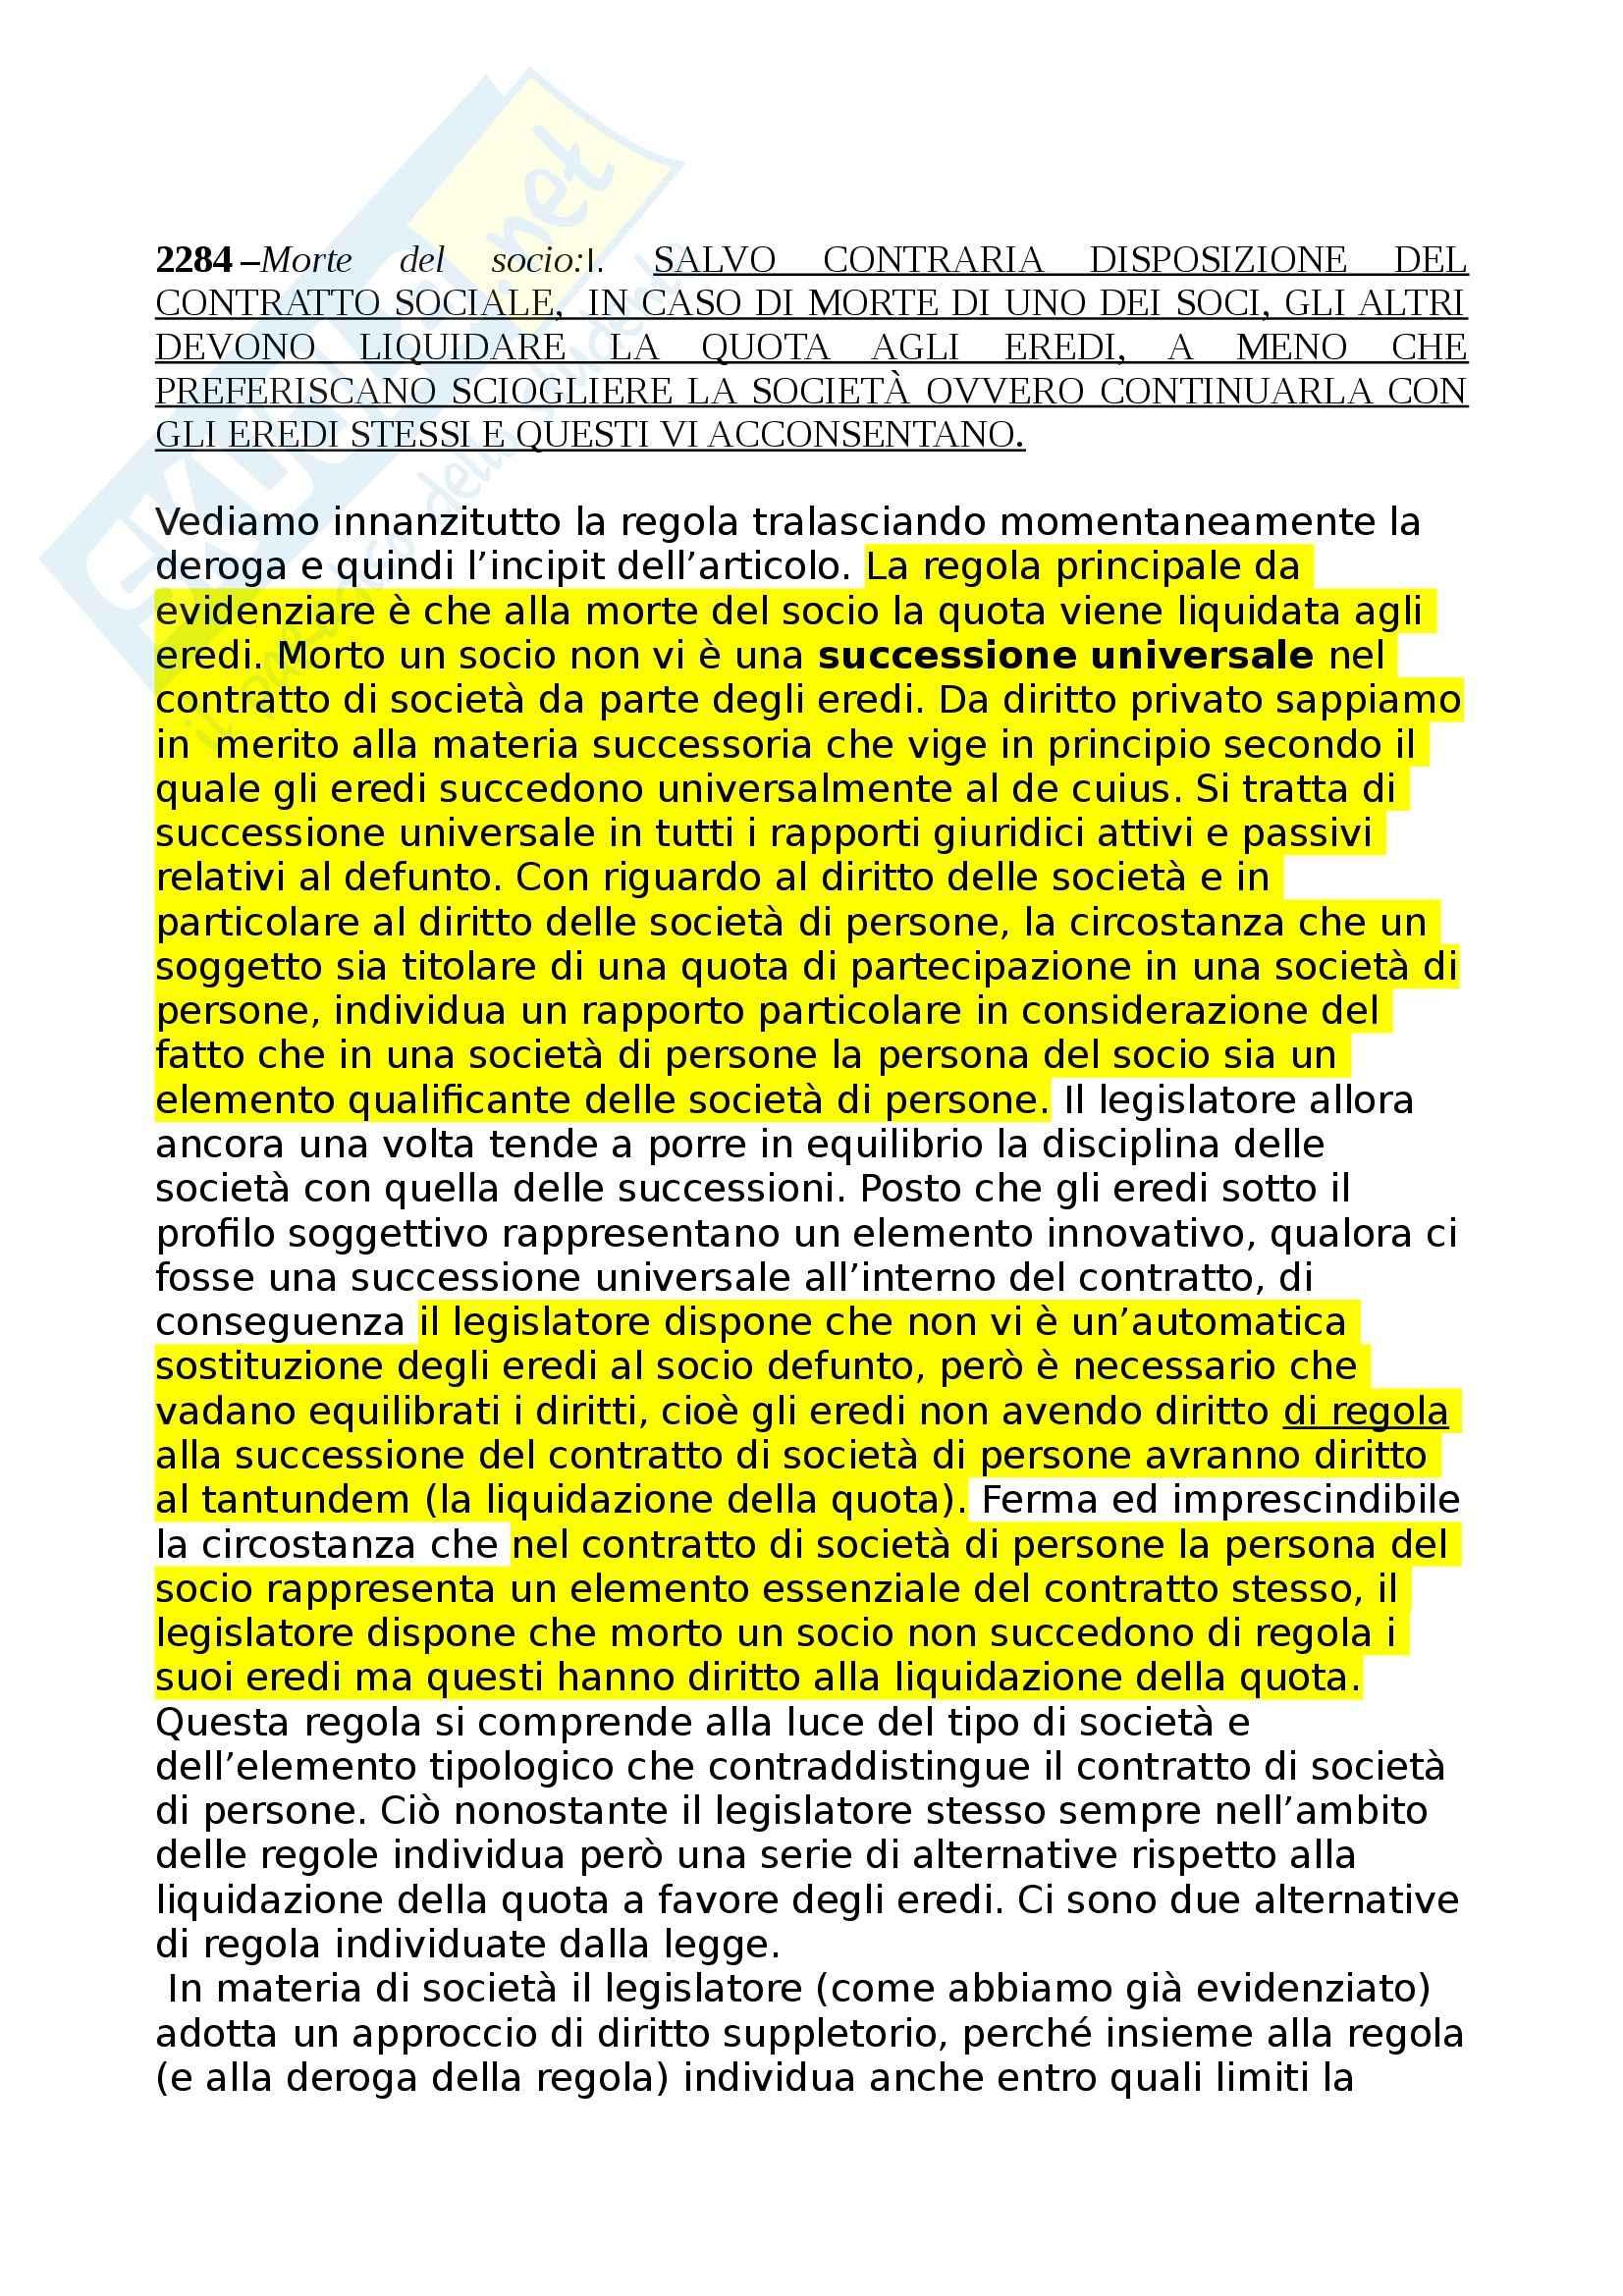 Diritto commerciale - Recesso e morte del socio Pag. 2